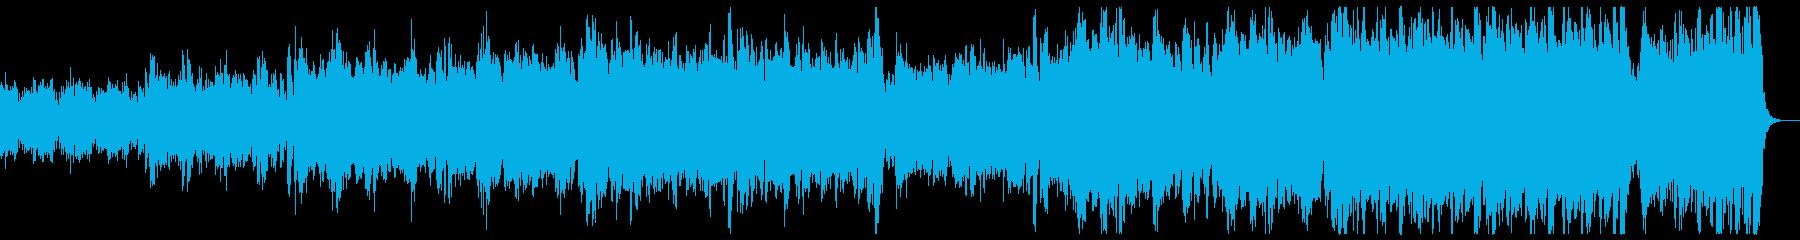 広がる希望のオーケストラ x1回の再生済みの波形